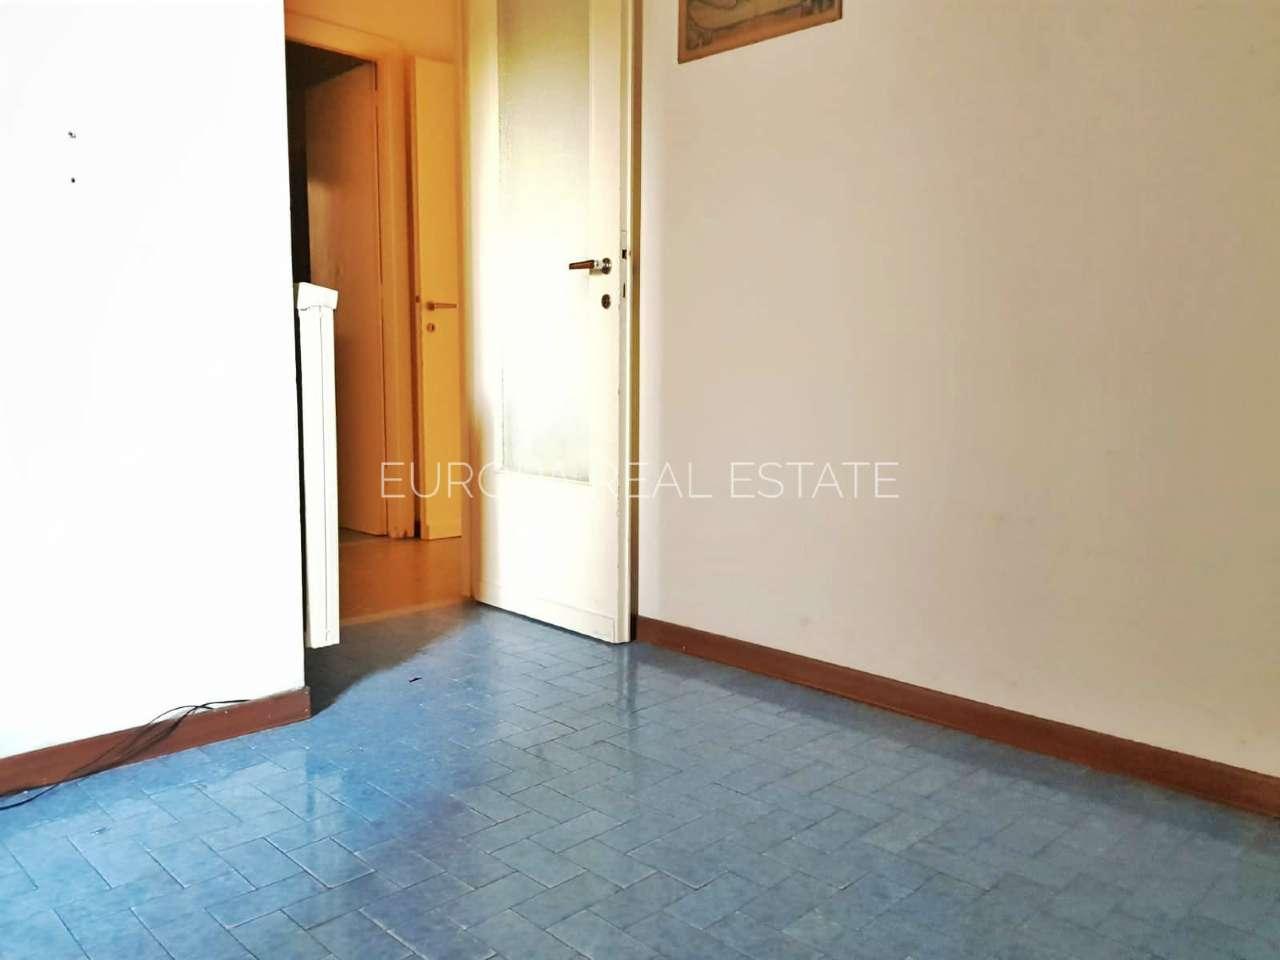 Appartamento in vendita a Roma, 3 locali, zona Zona: 6 . Nuovo Salario, Prati Fiscali, Tufello, Conca d'Oro, Città giardino, prezzo € 189.000 | CambioCasa.it